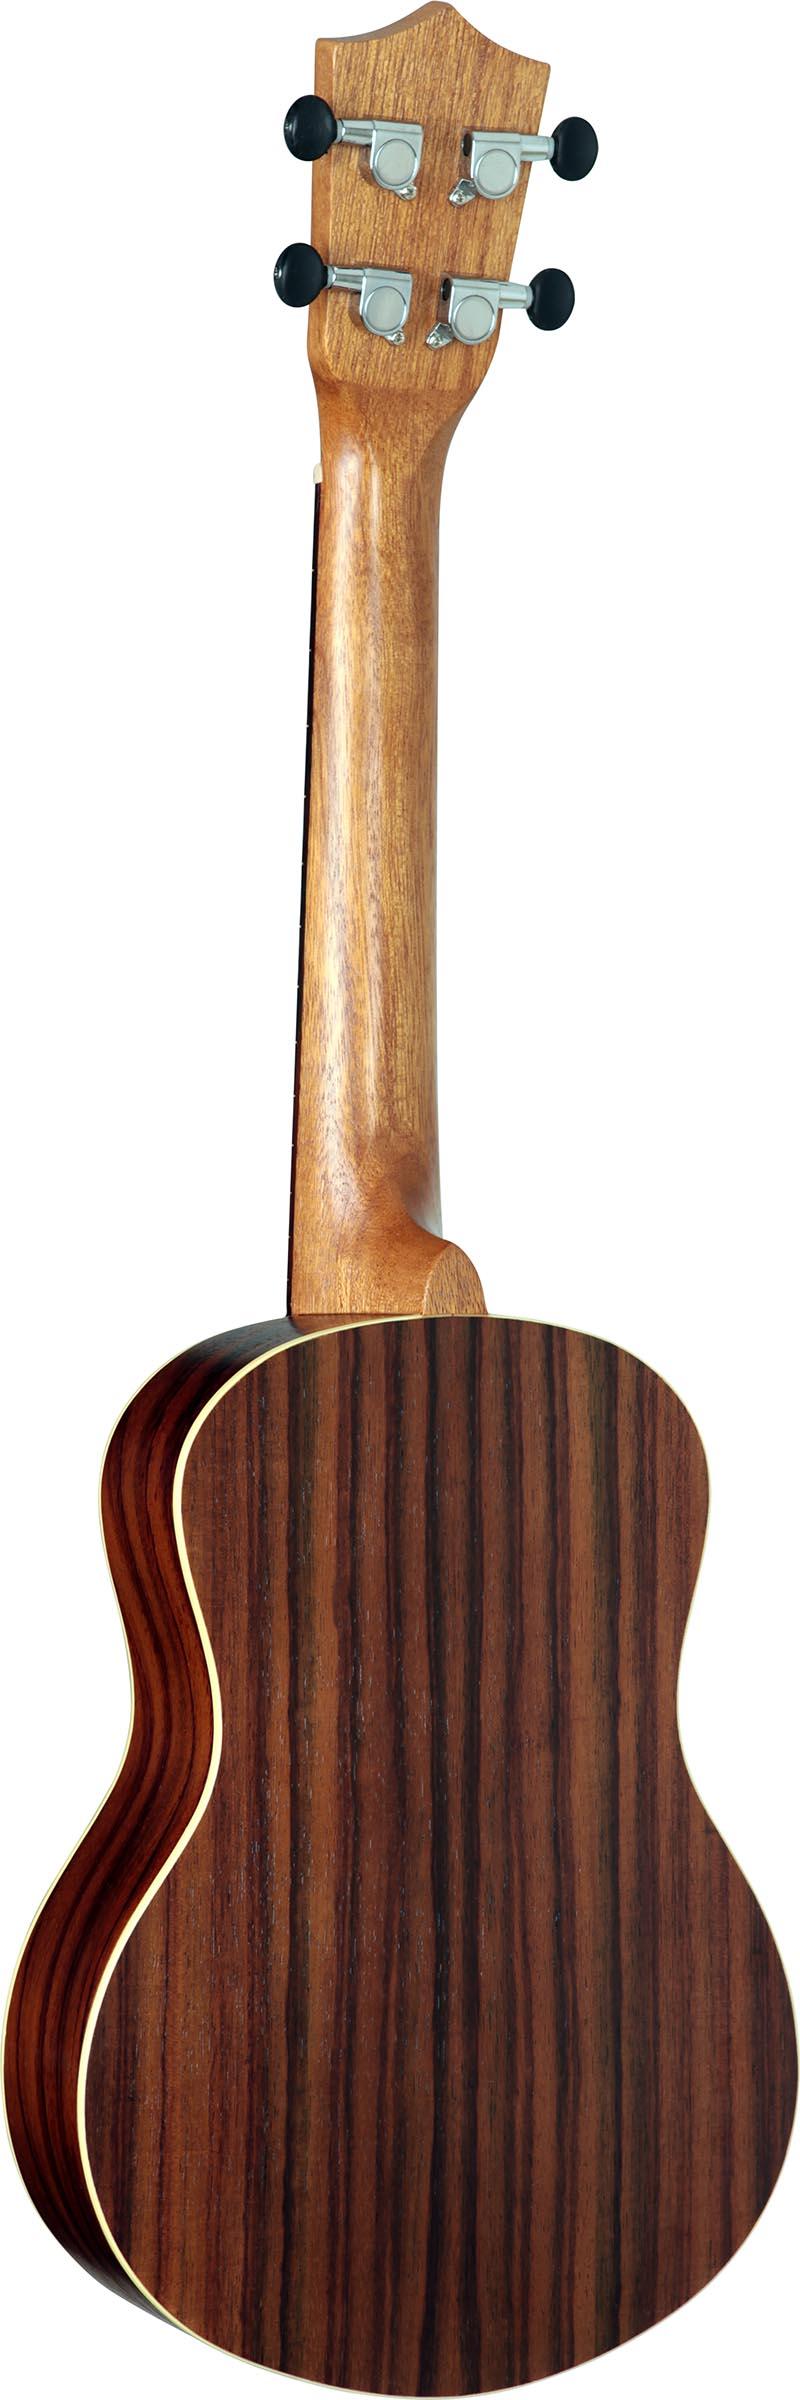 su25r ukulele tenor shelby su25r stnt jacaranda acetinado visao posterior vertical